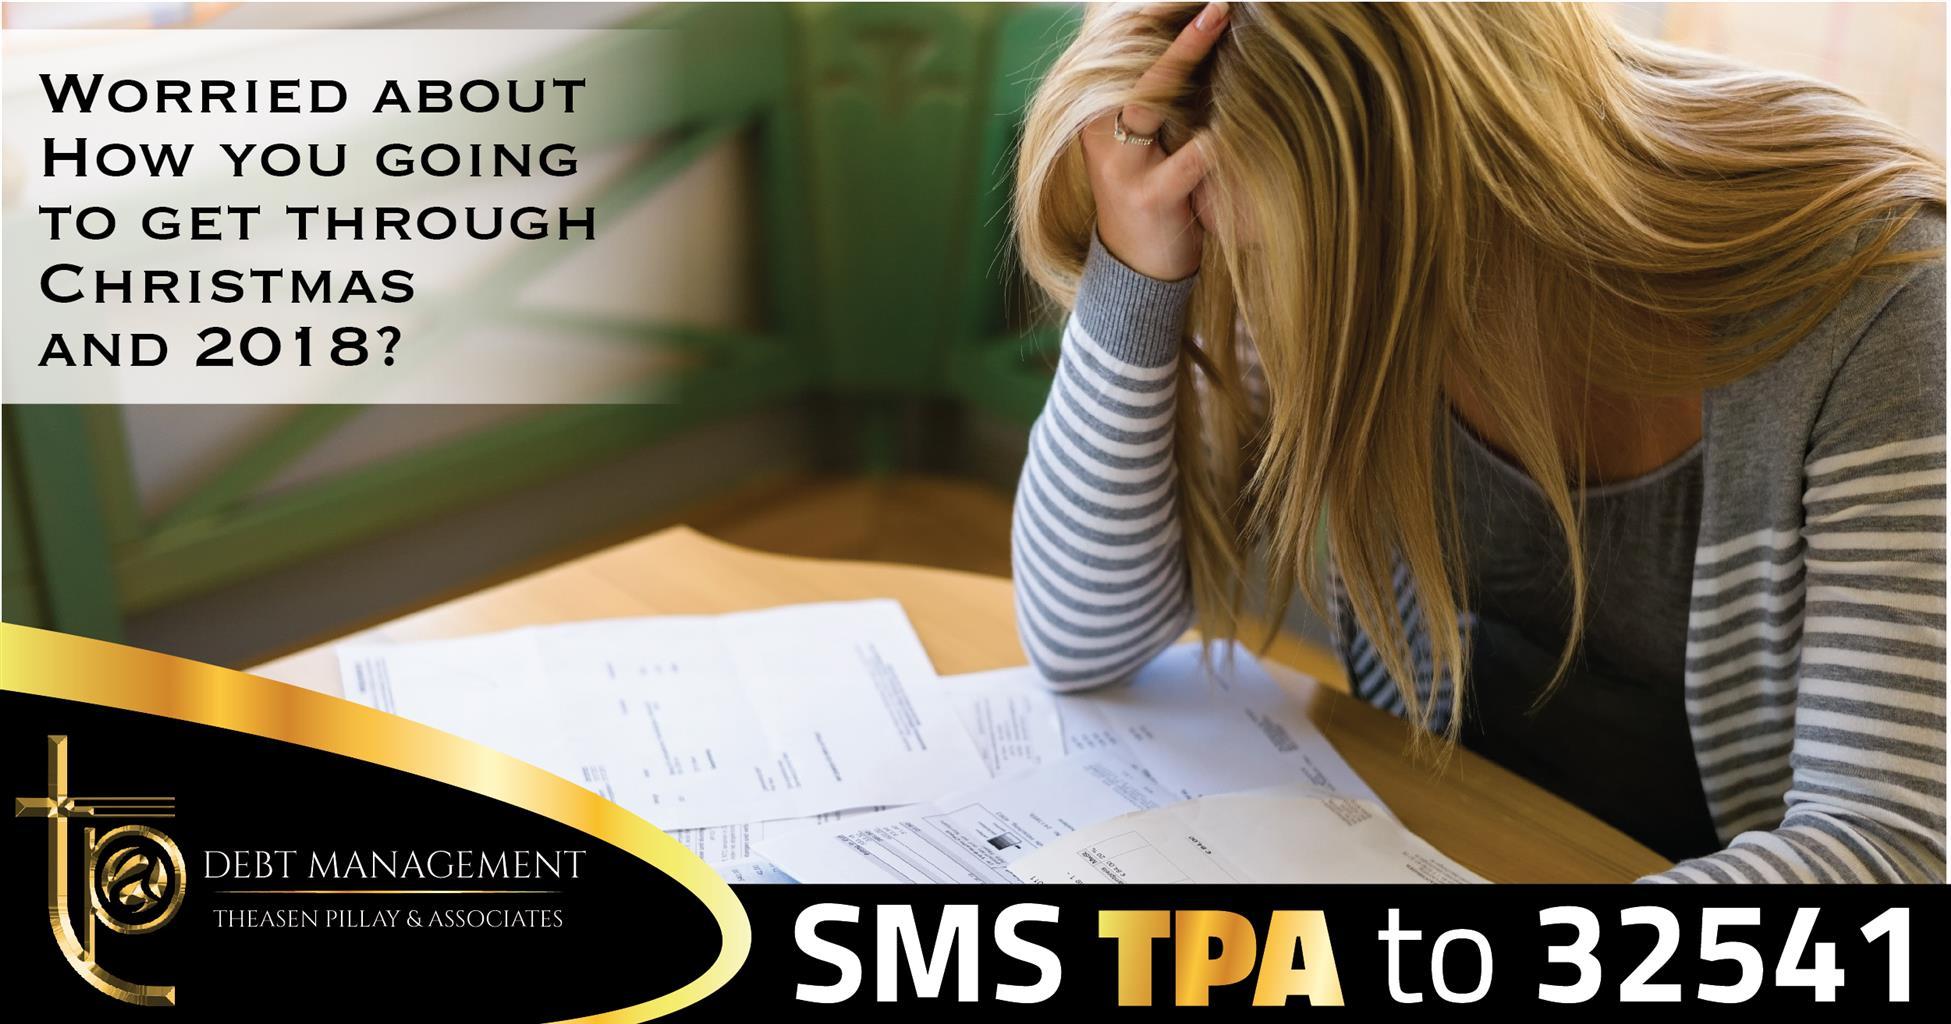 TPA Debt Management – Debt Counsellors